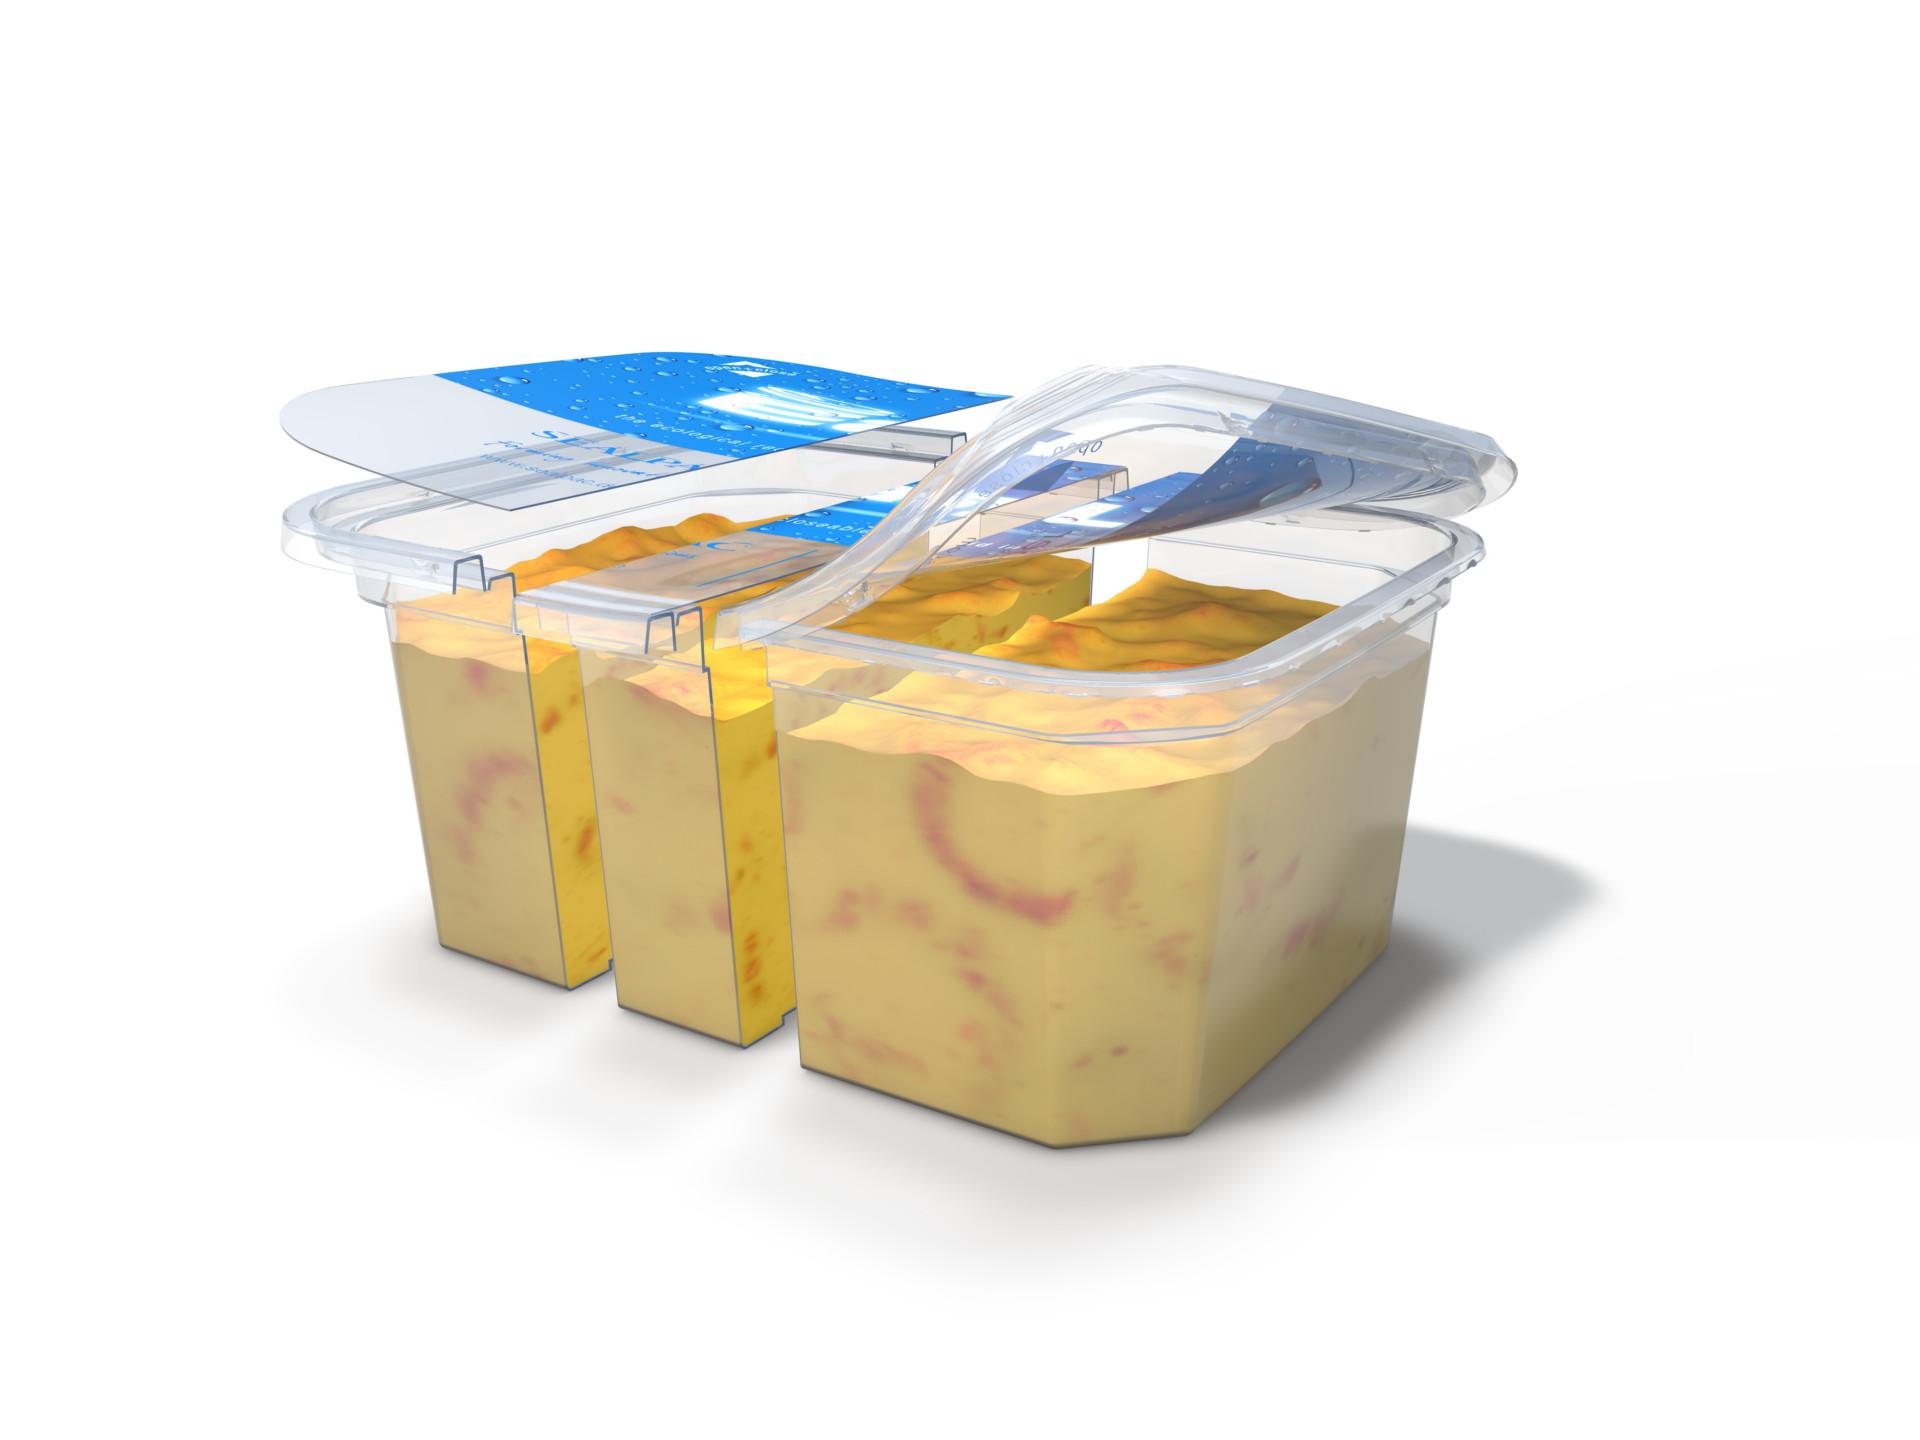 Sealpac A-serie met EasyLid verpakking